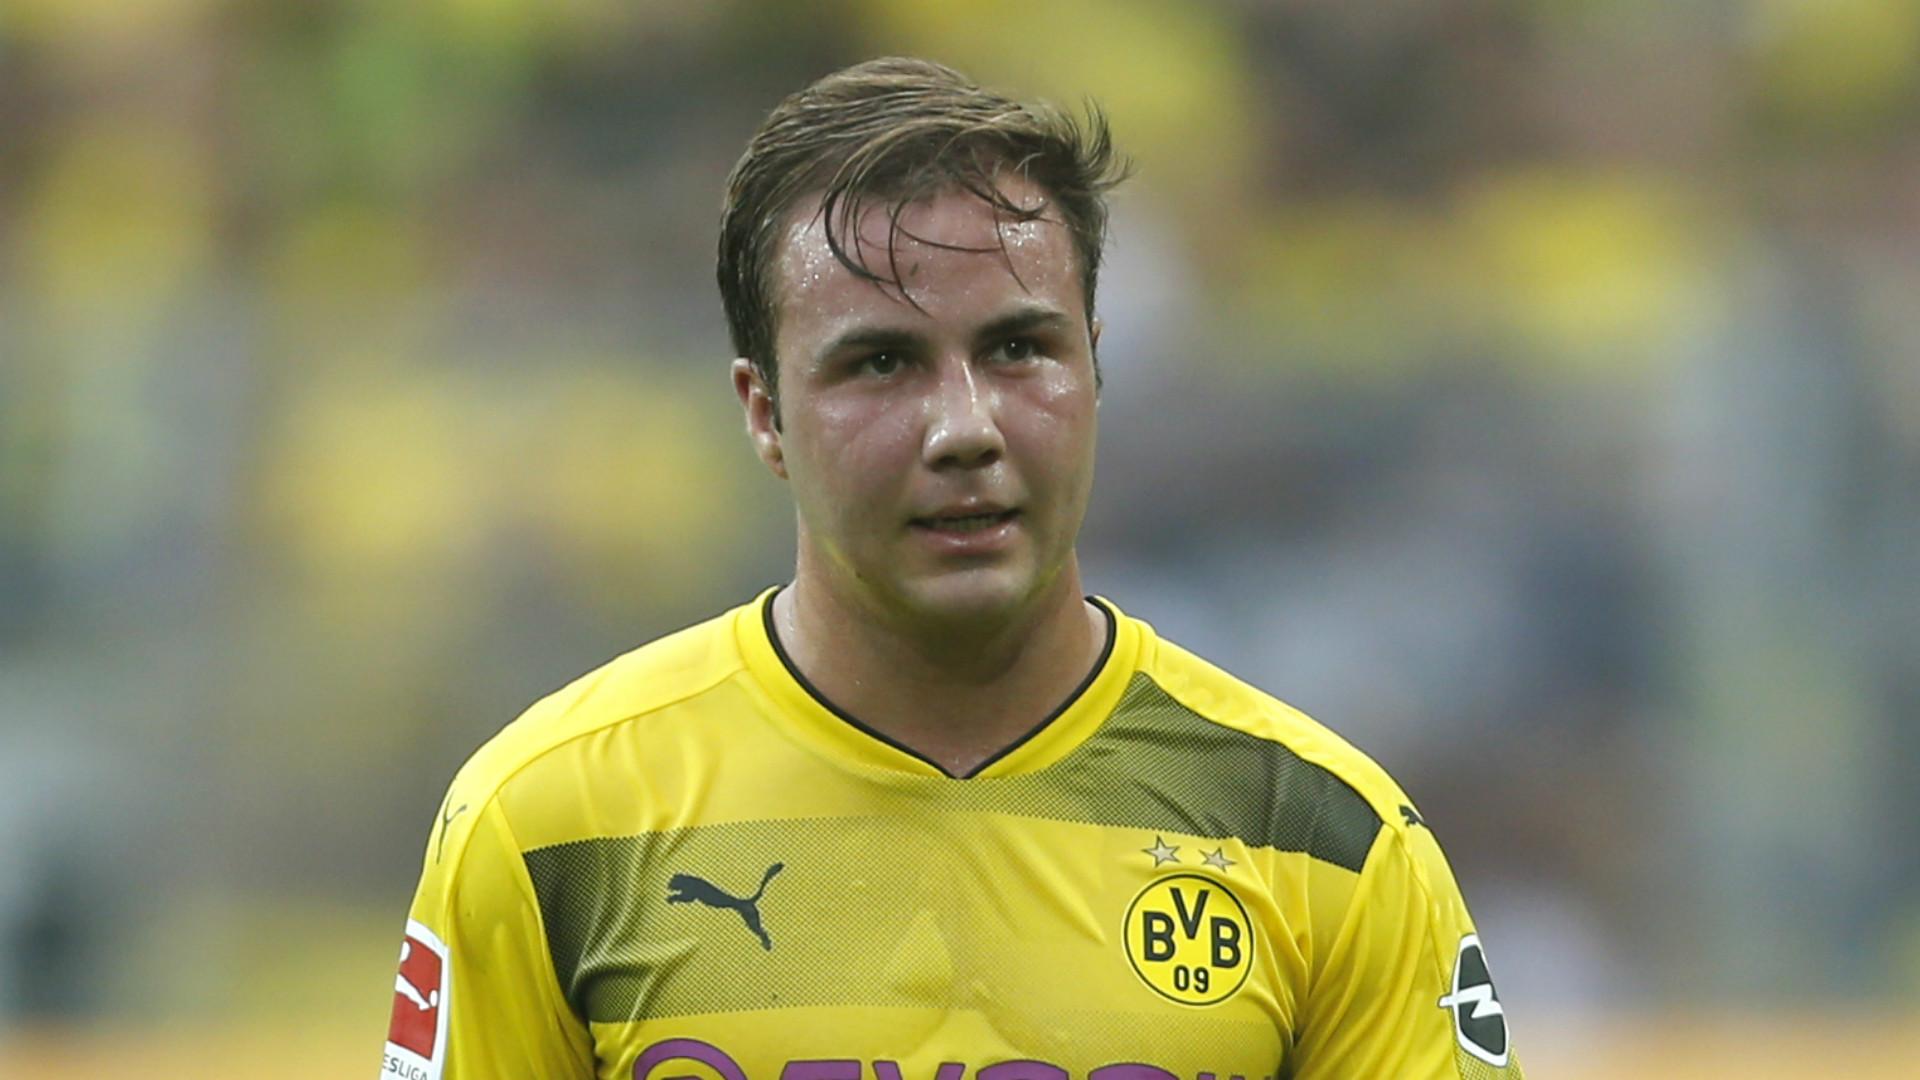 BVB siegt dank Kagawas Geniestreich glücklich in Augsburg